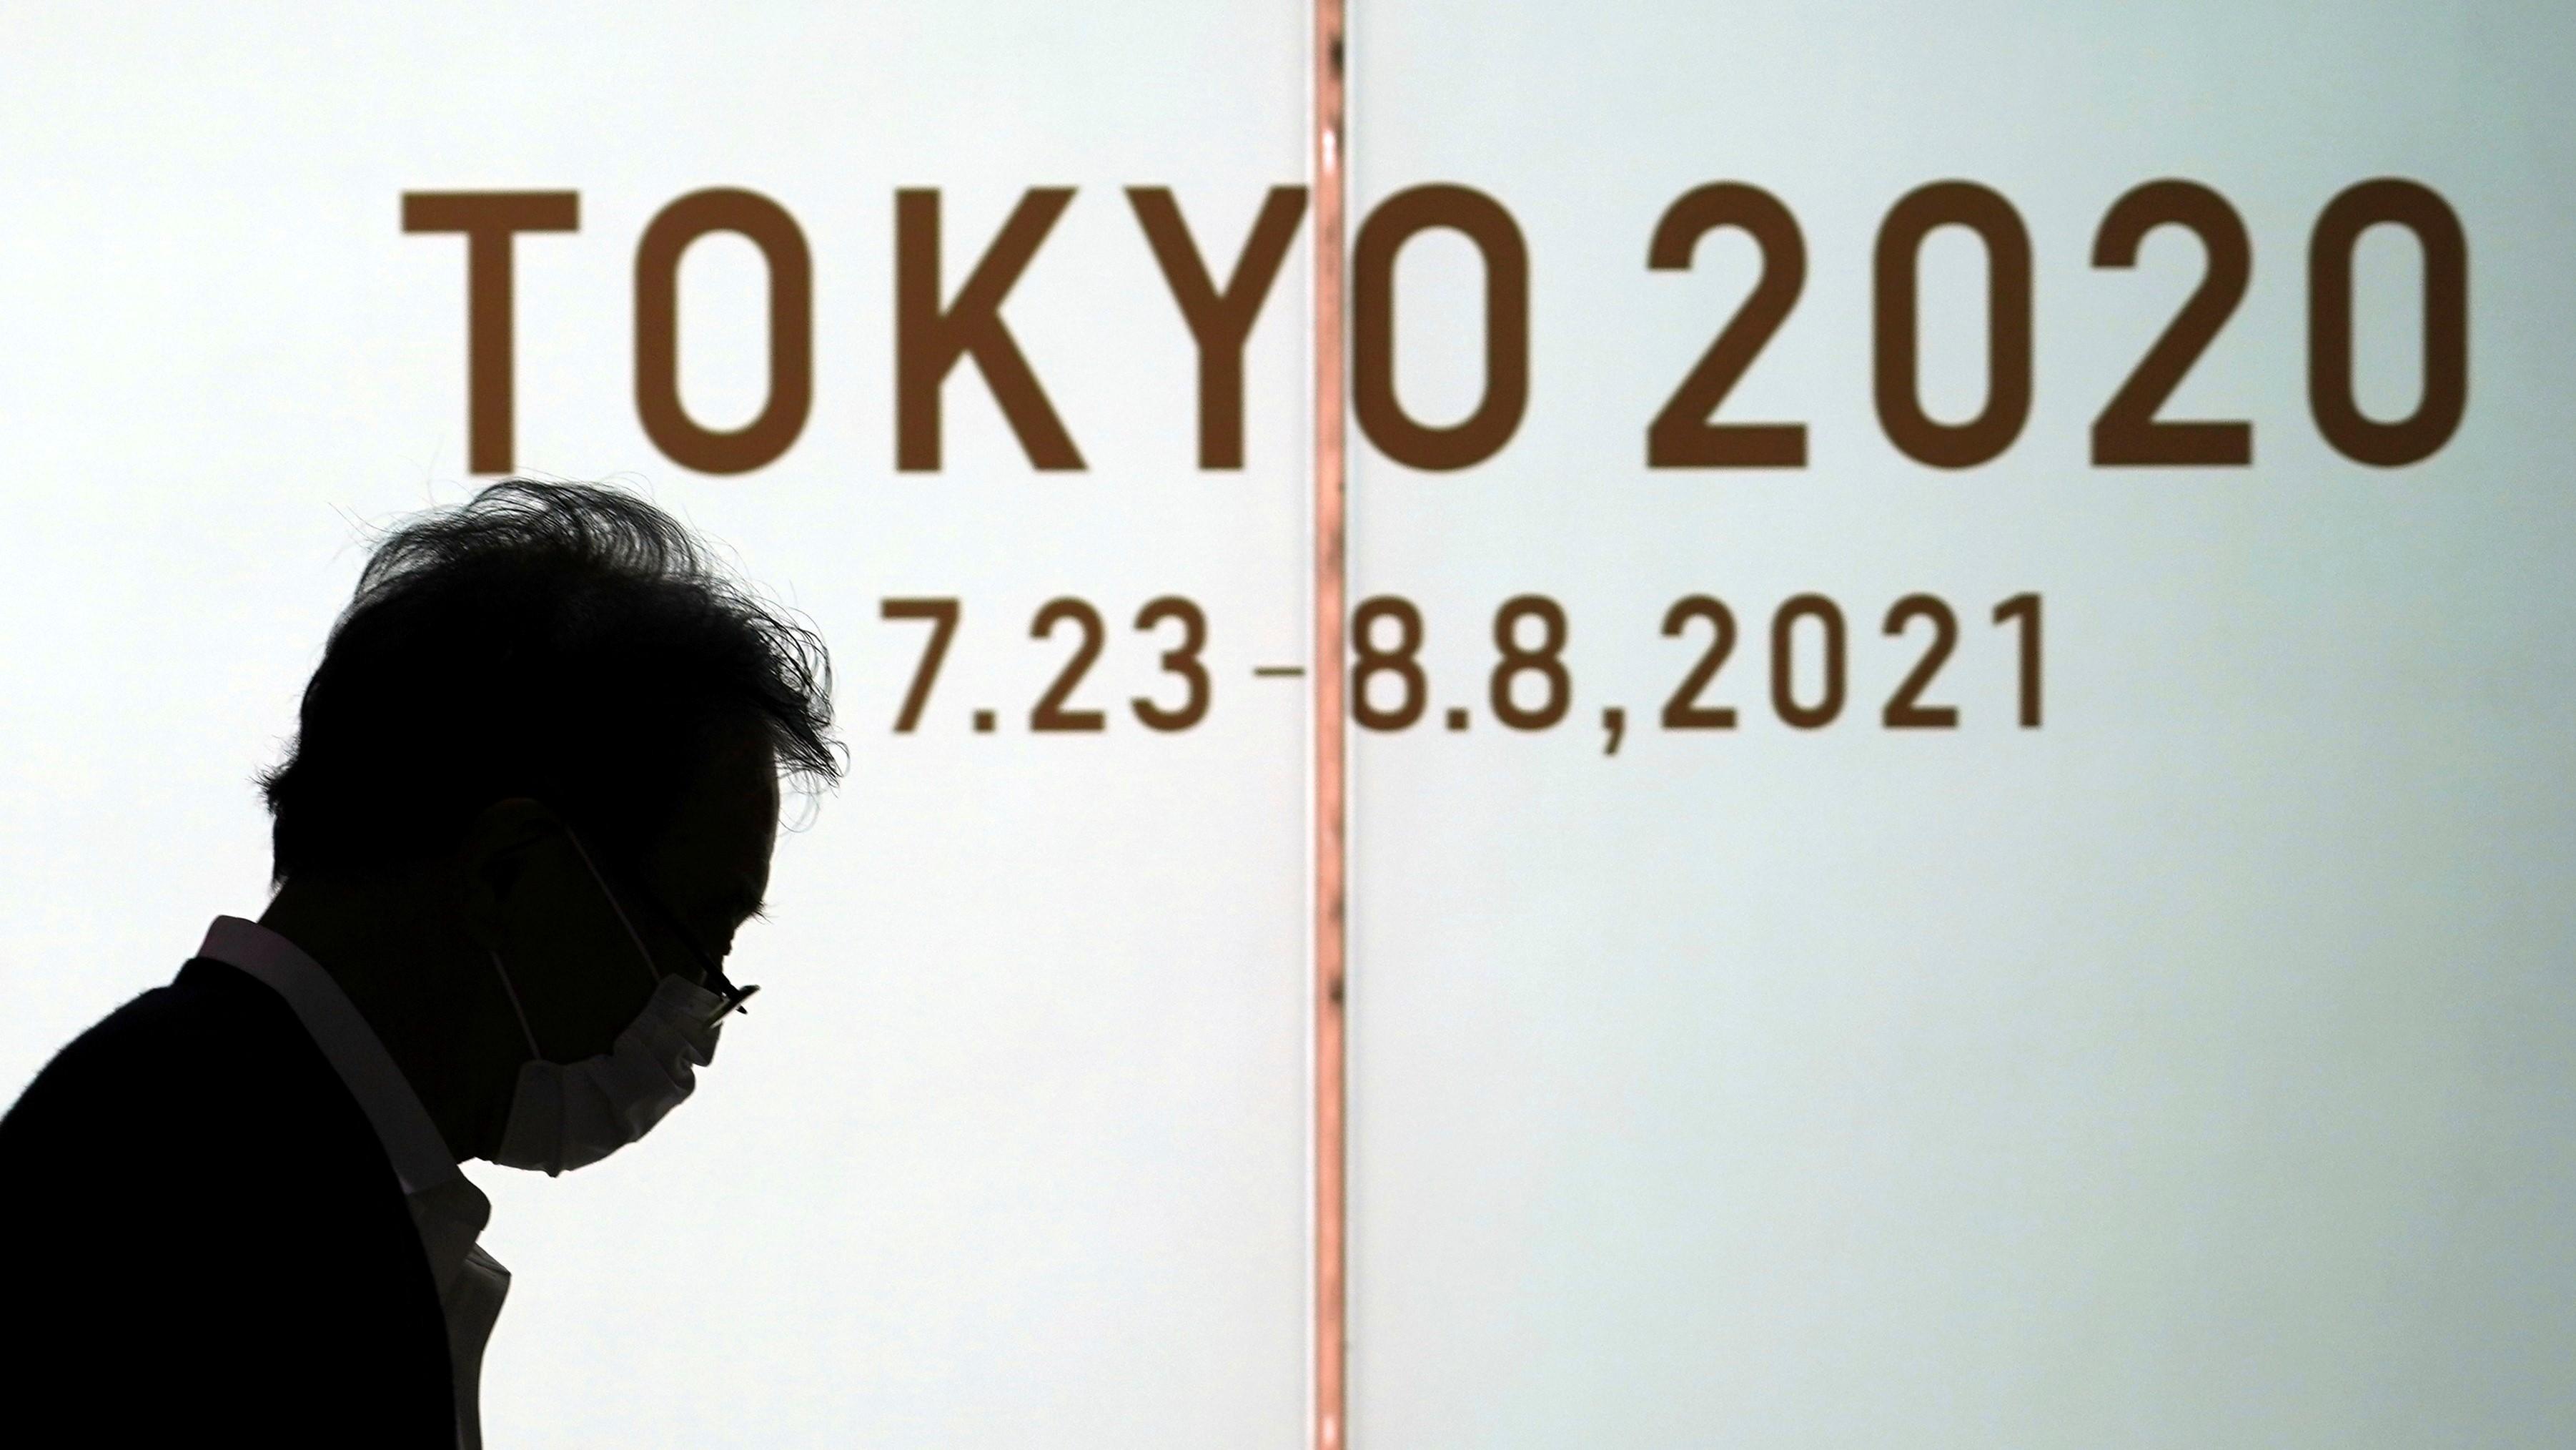 Védőmaszkos férfi megy a tokiói nyári olimpiát hirdető plakát előtt a japán fővárosban